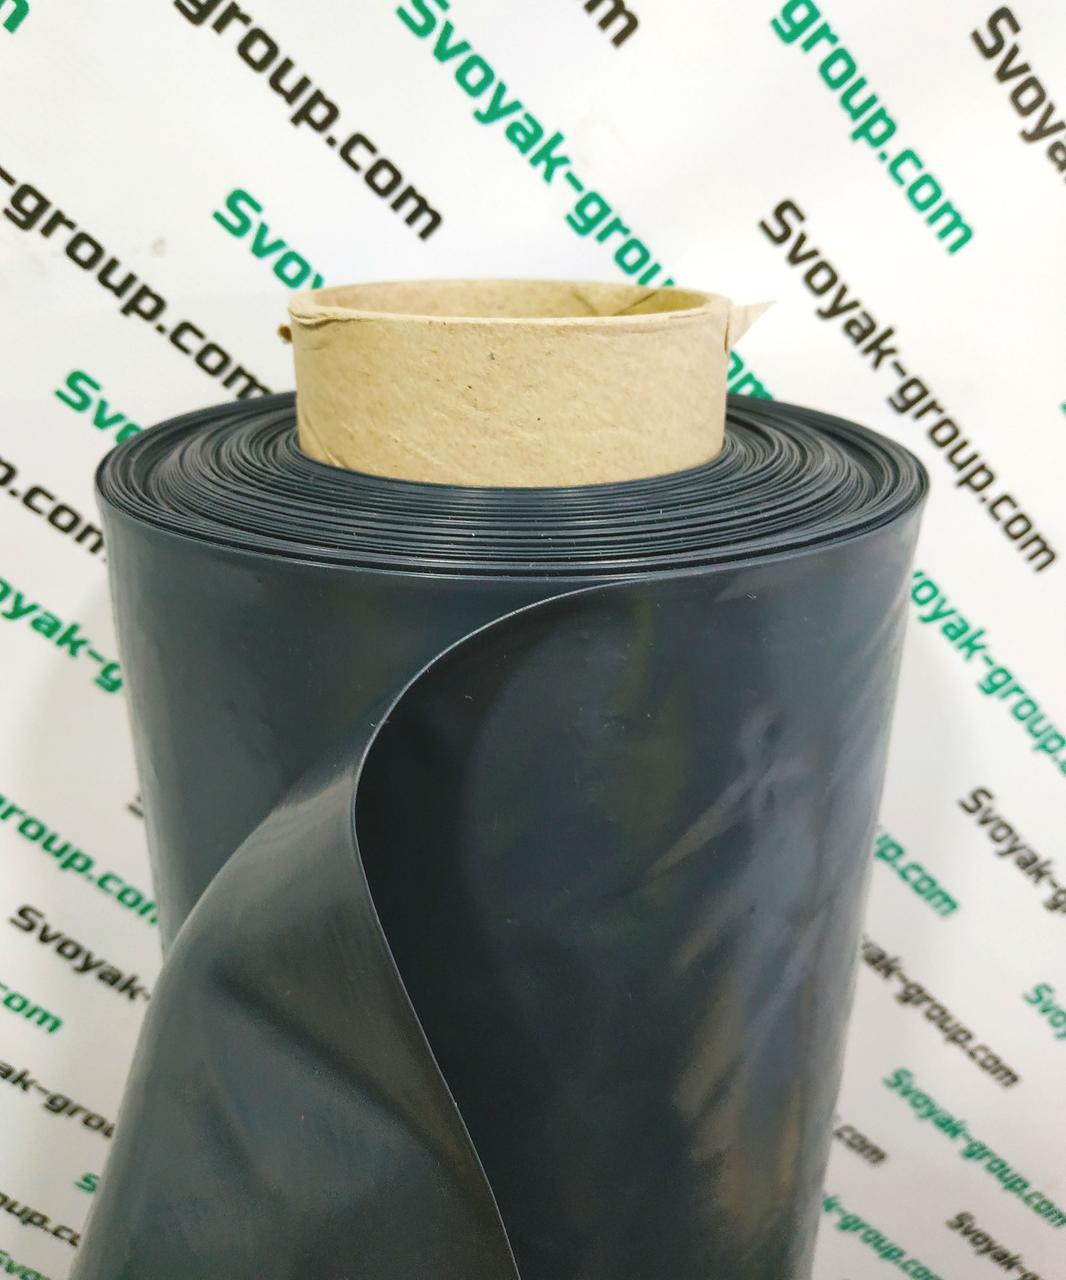 Пленка черная 180 мкм, 3м.х50м.Полиэтиленовая ( для мульчирования, строительная).